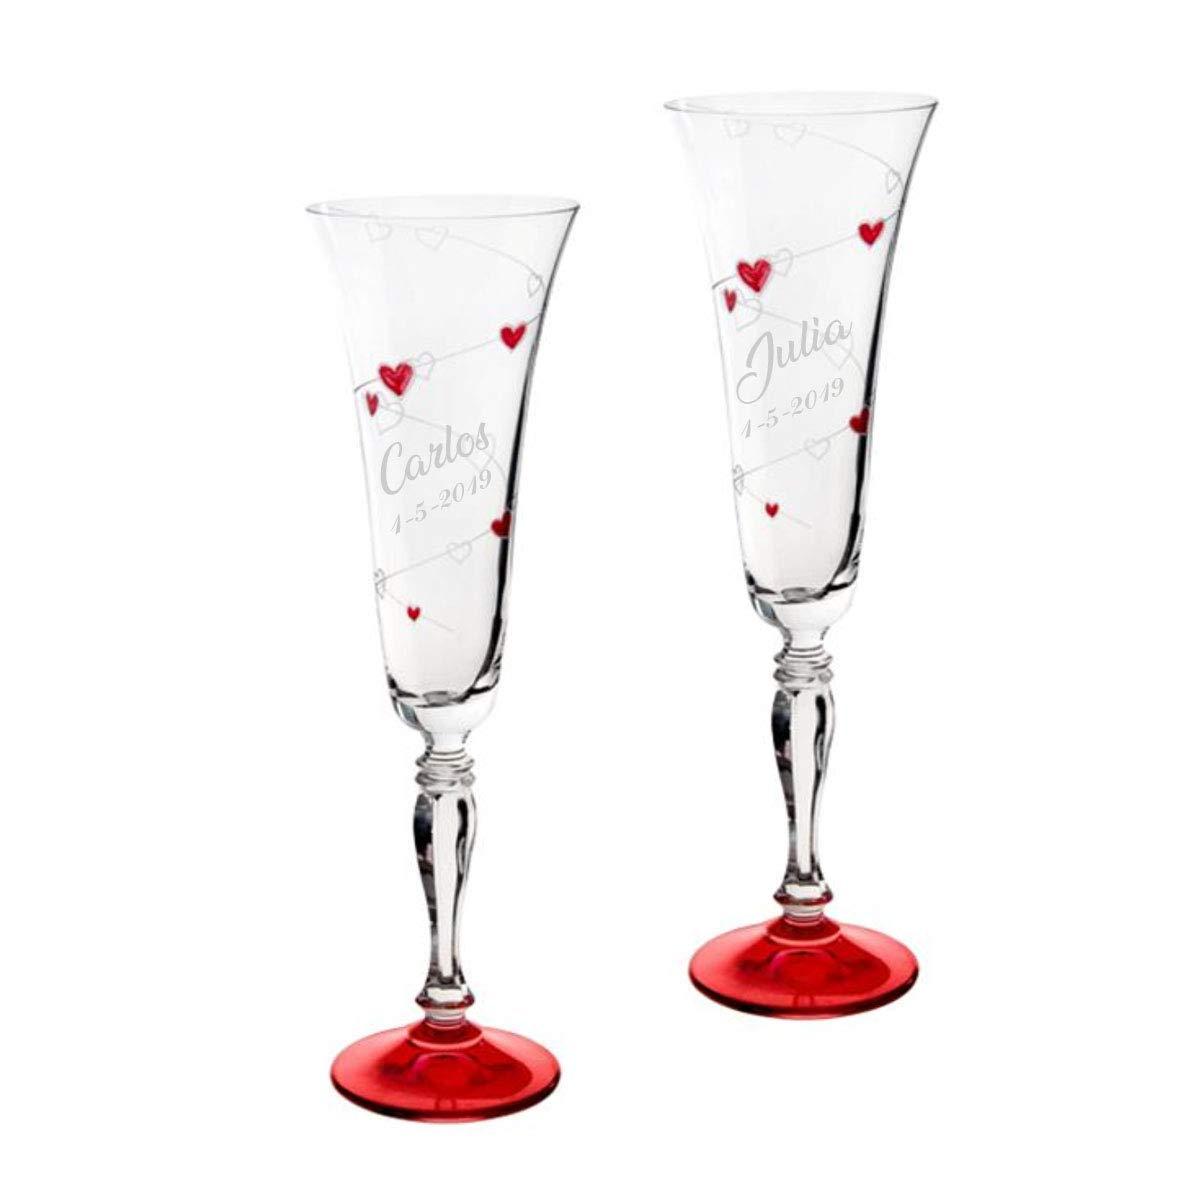 Copas para boda con corazones rojos, GRABADAS con el nombre de los novios y la fecha (Presentación en Baul): Amazon.es: Hogar